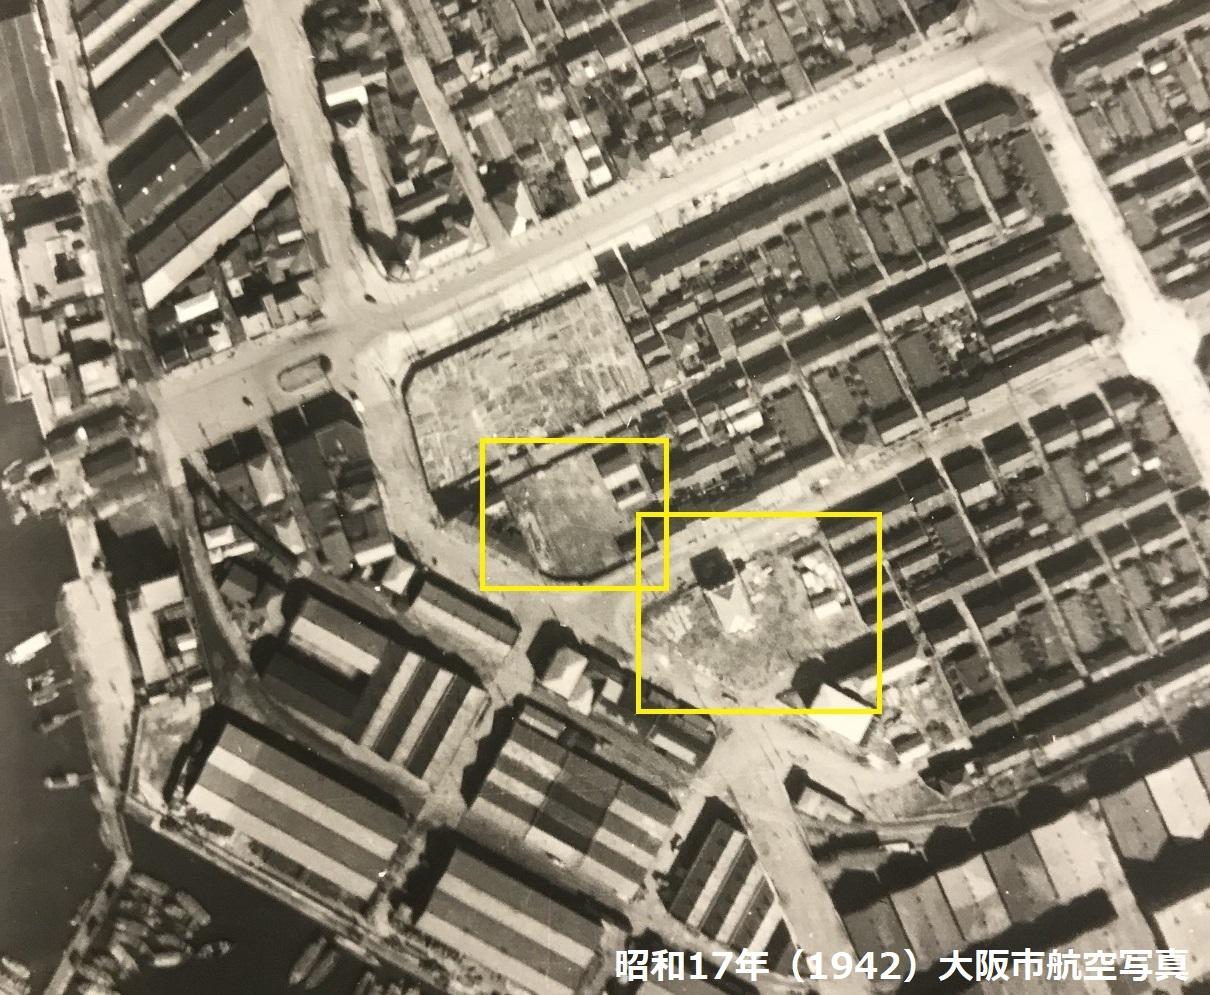 1942年大阪市航空写真港区築港